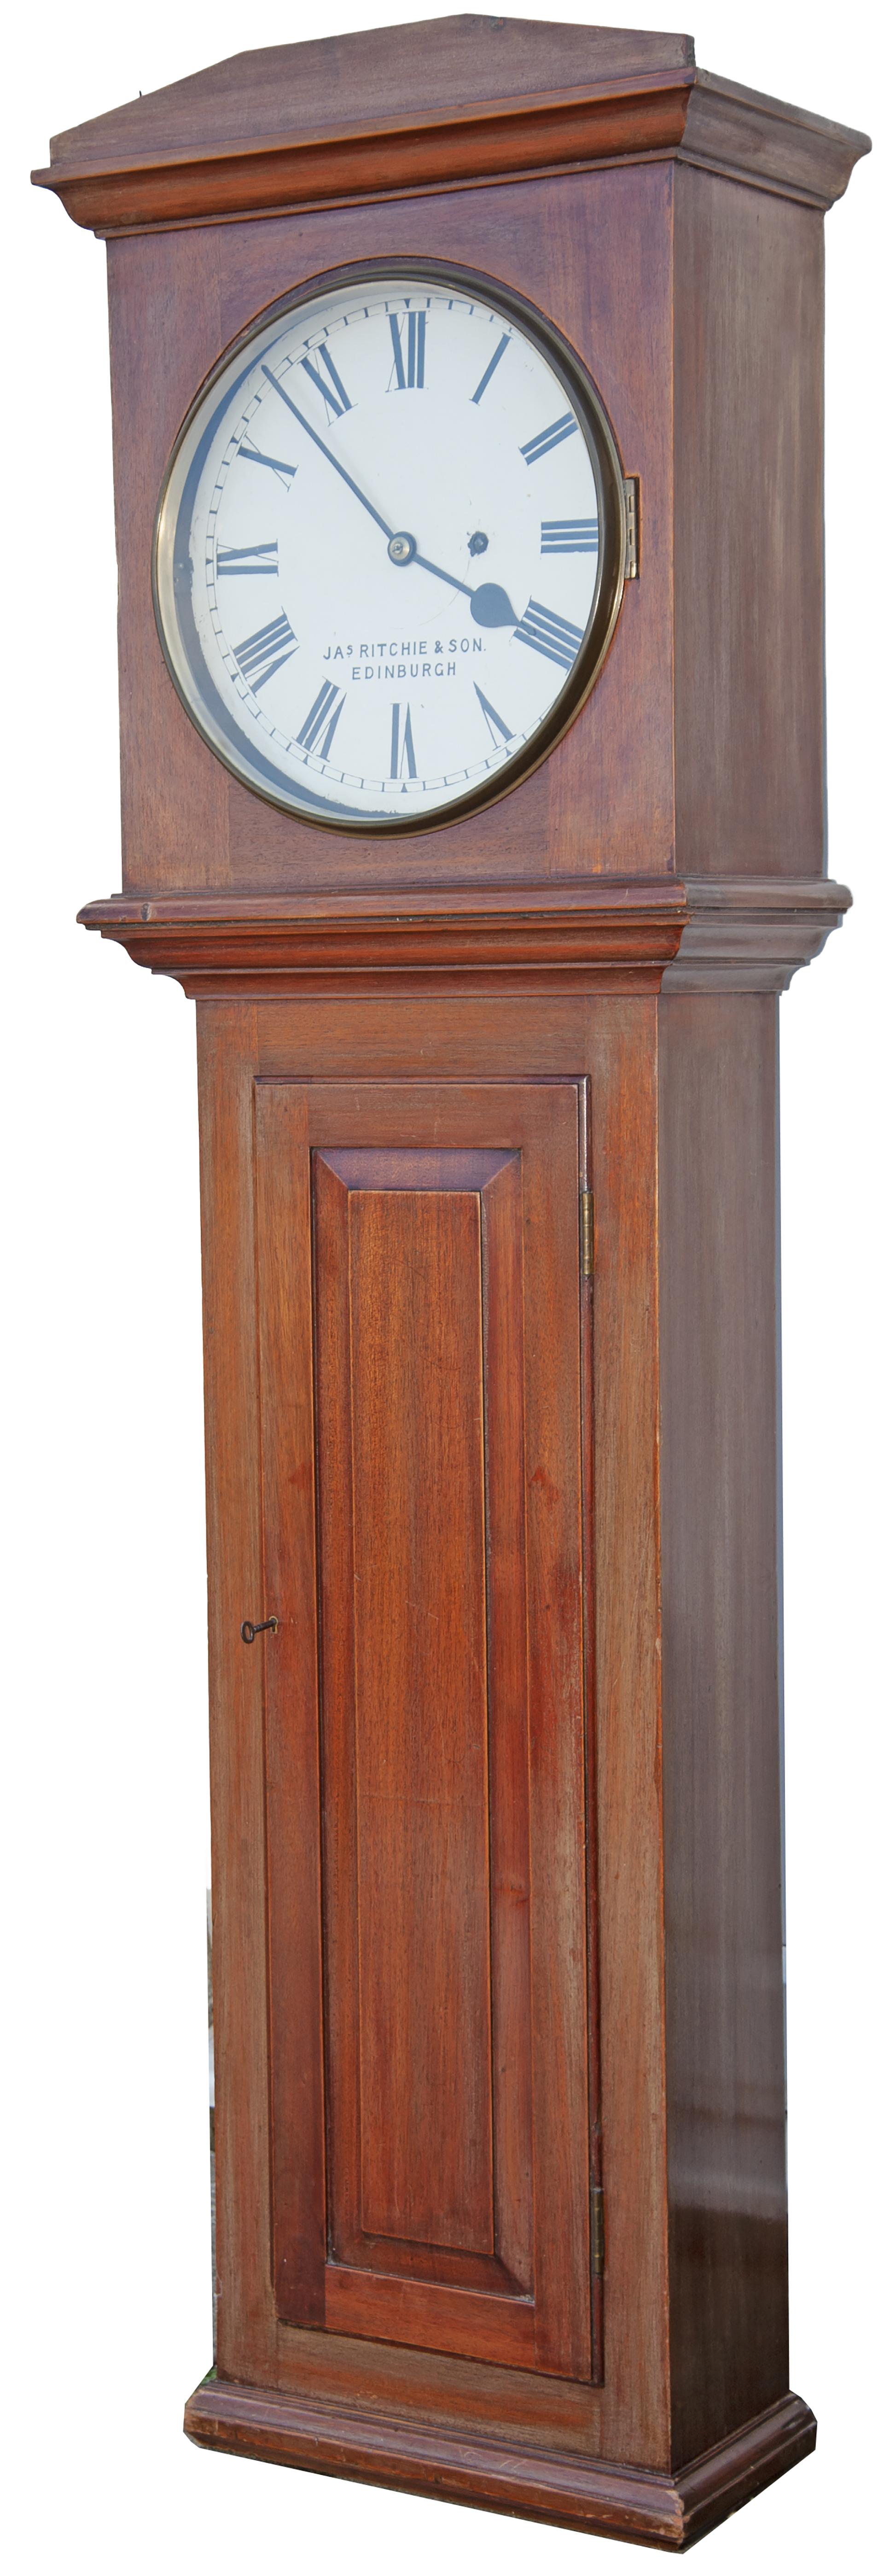 North British Railway 12in dial mahogany cased regulator railway wall clock. The rectangular